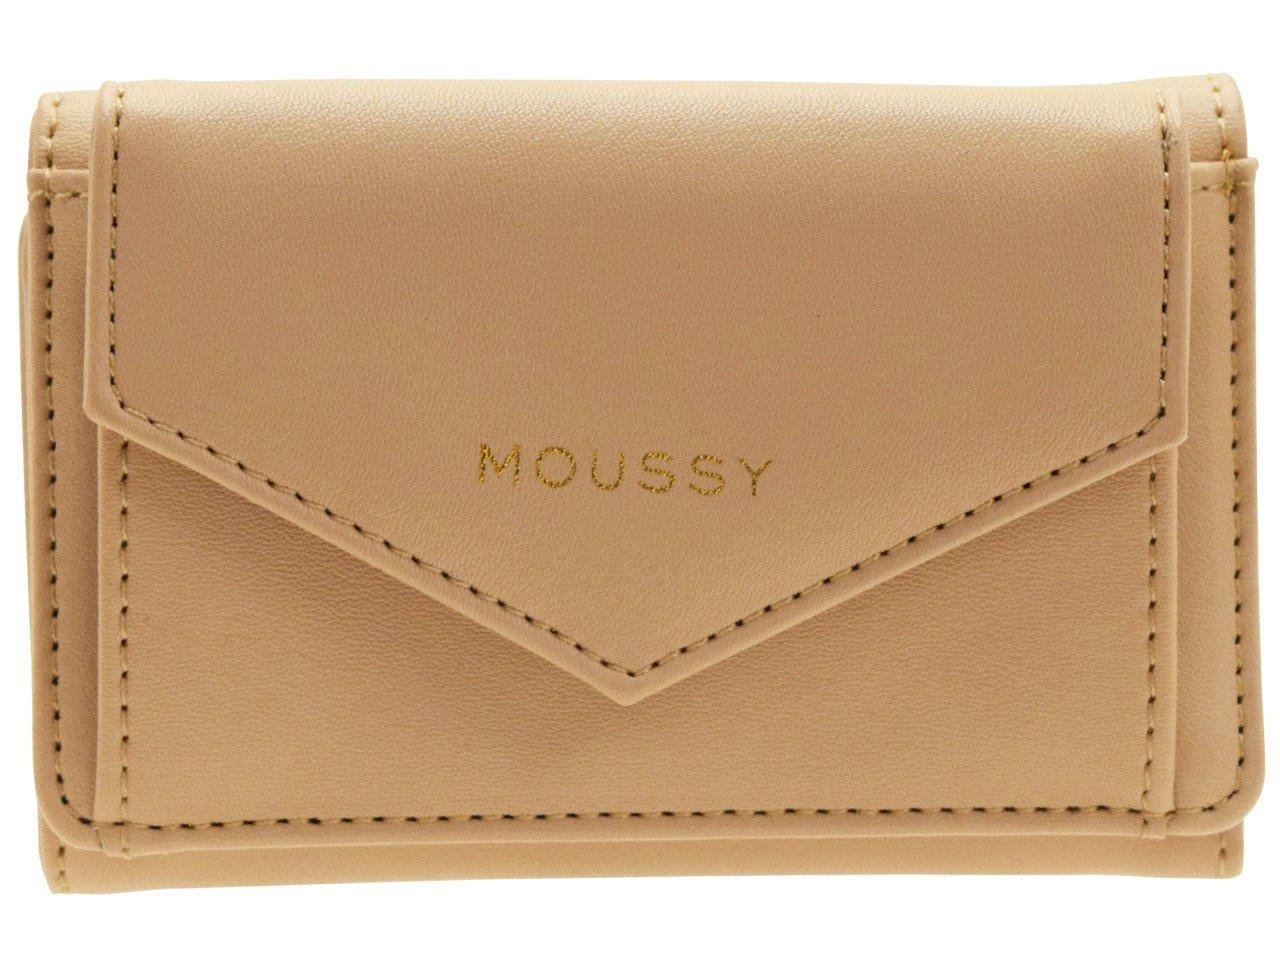 (マウジー) moussy 財布 三つ折り 折財布 ミニウォレット 合成皮革 GISELE M3 TRIFOLD WALLET m01200003 B07CJXZ5BW ベージュ ベージュ